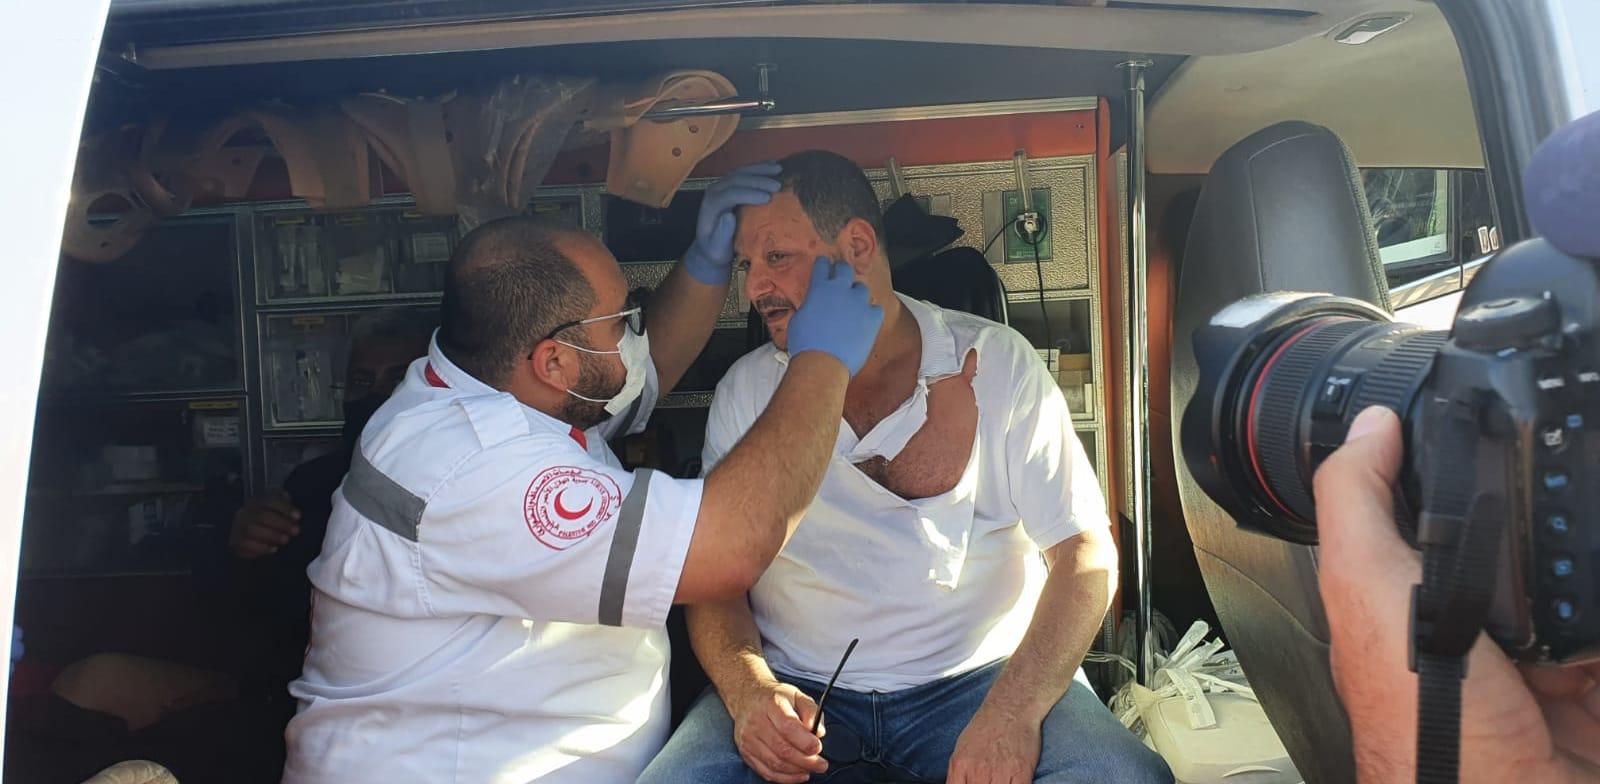 """ח""""כ עופר כסיף הותקף על ידי שוטרים בהפגנה במזרח ירושלים / צילום: ניצן רון"""